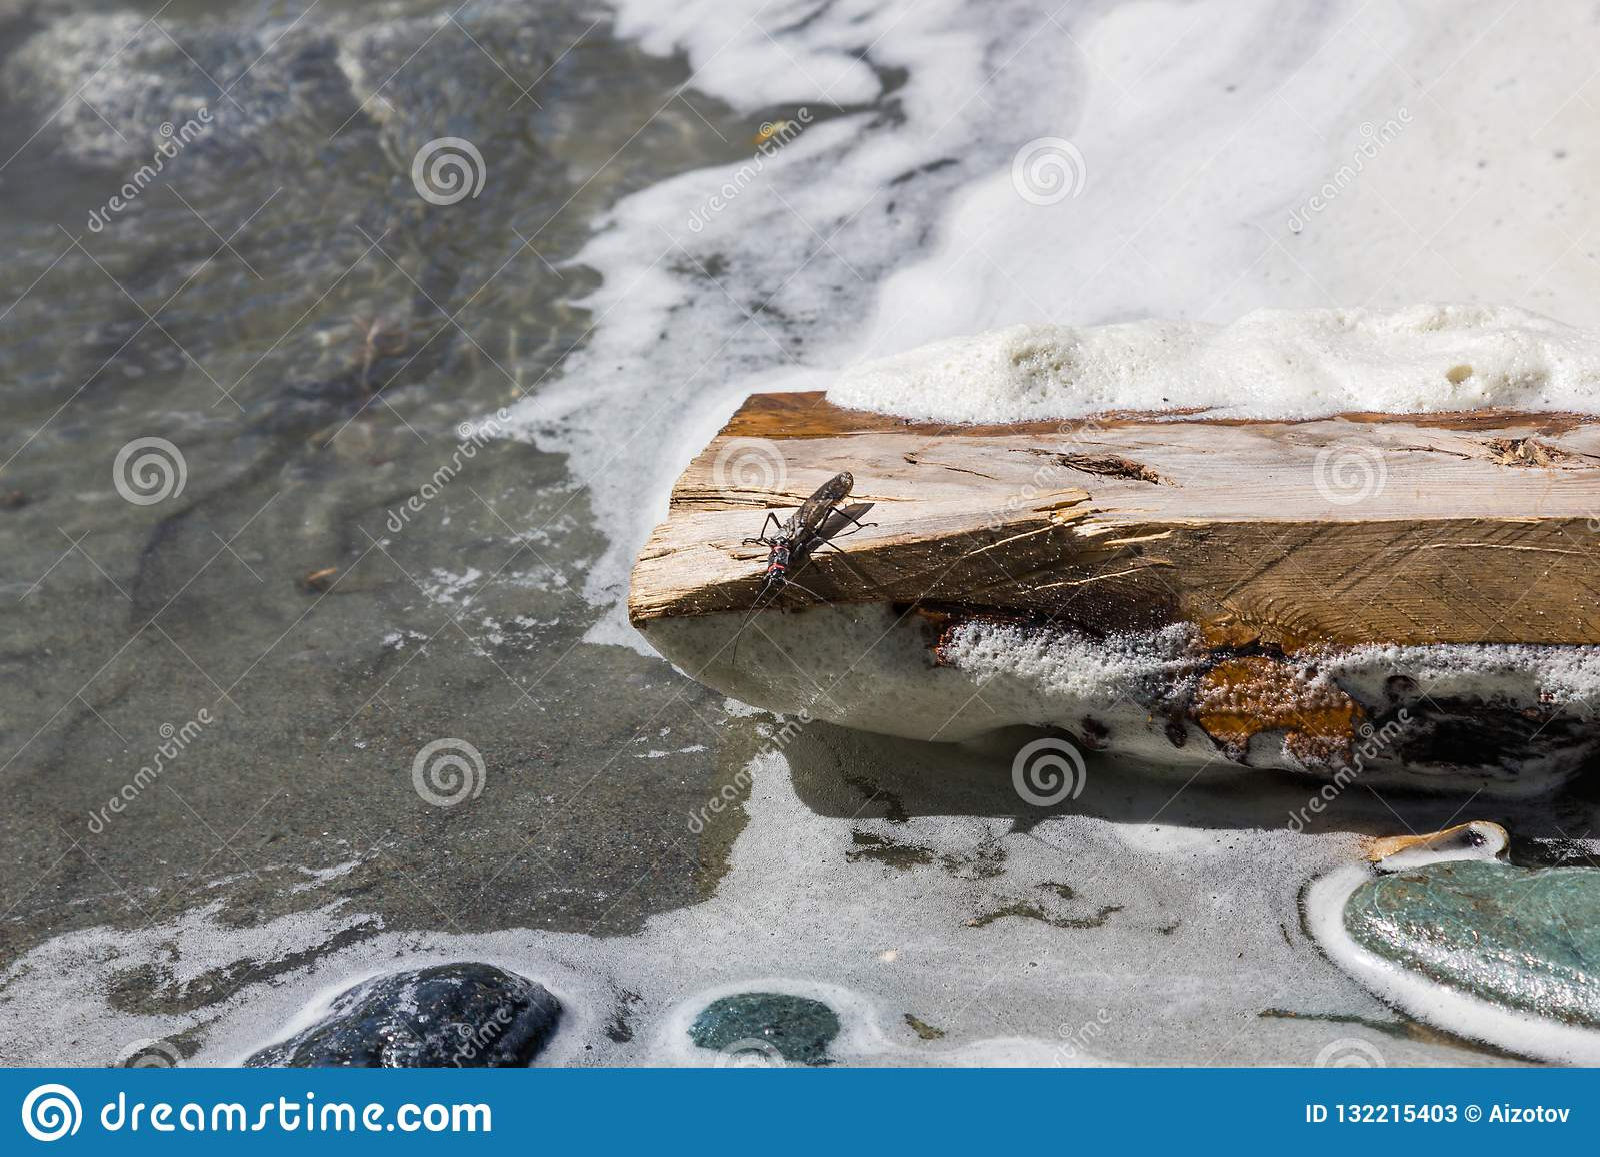 Insecto en una conexión de madera el banco de una corriente, Altai, Rusia